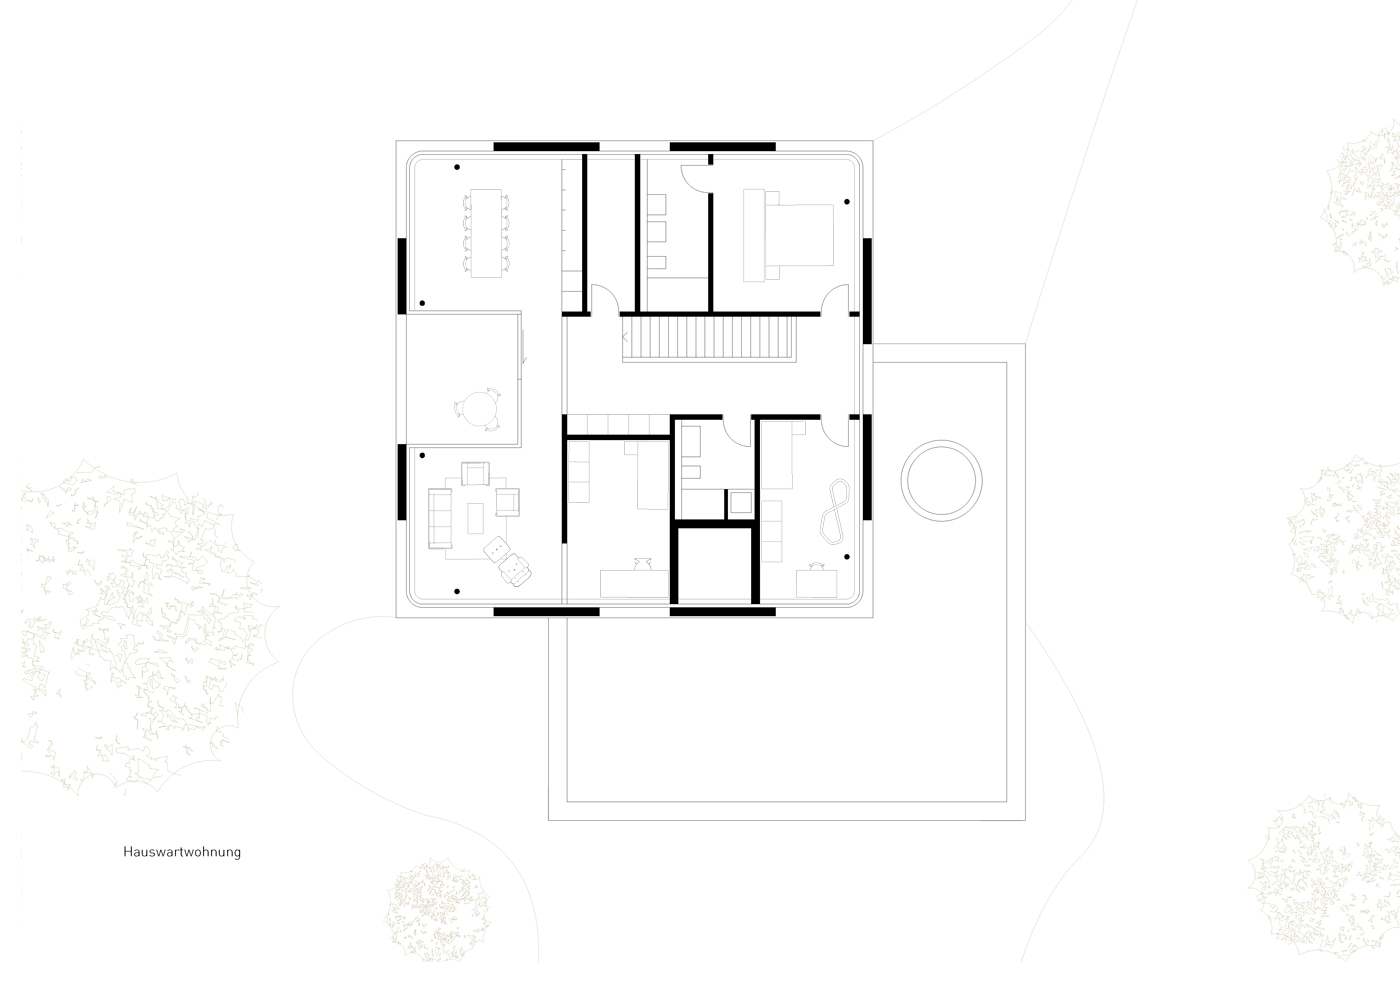 buan architekten – Schulanlage Erlen Emmenbrücke – Neubau Grundriss Hauswartwohnung